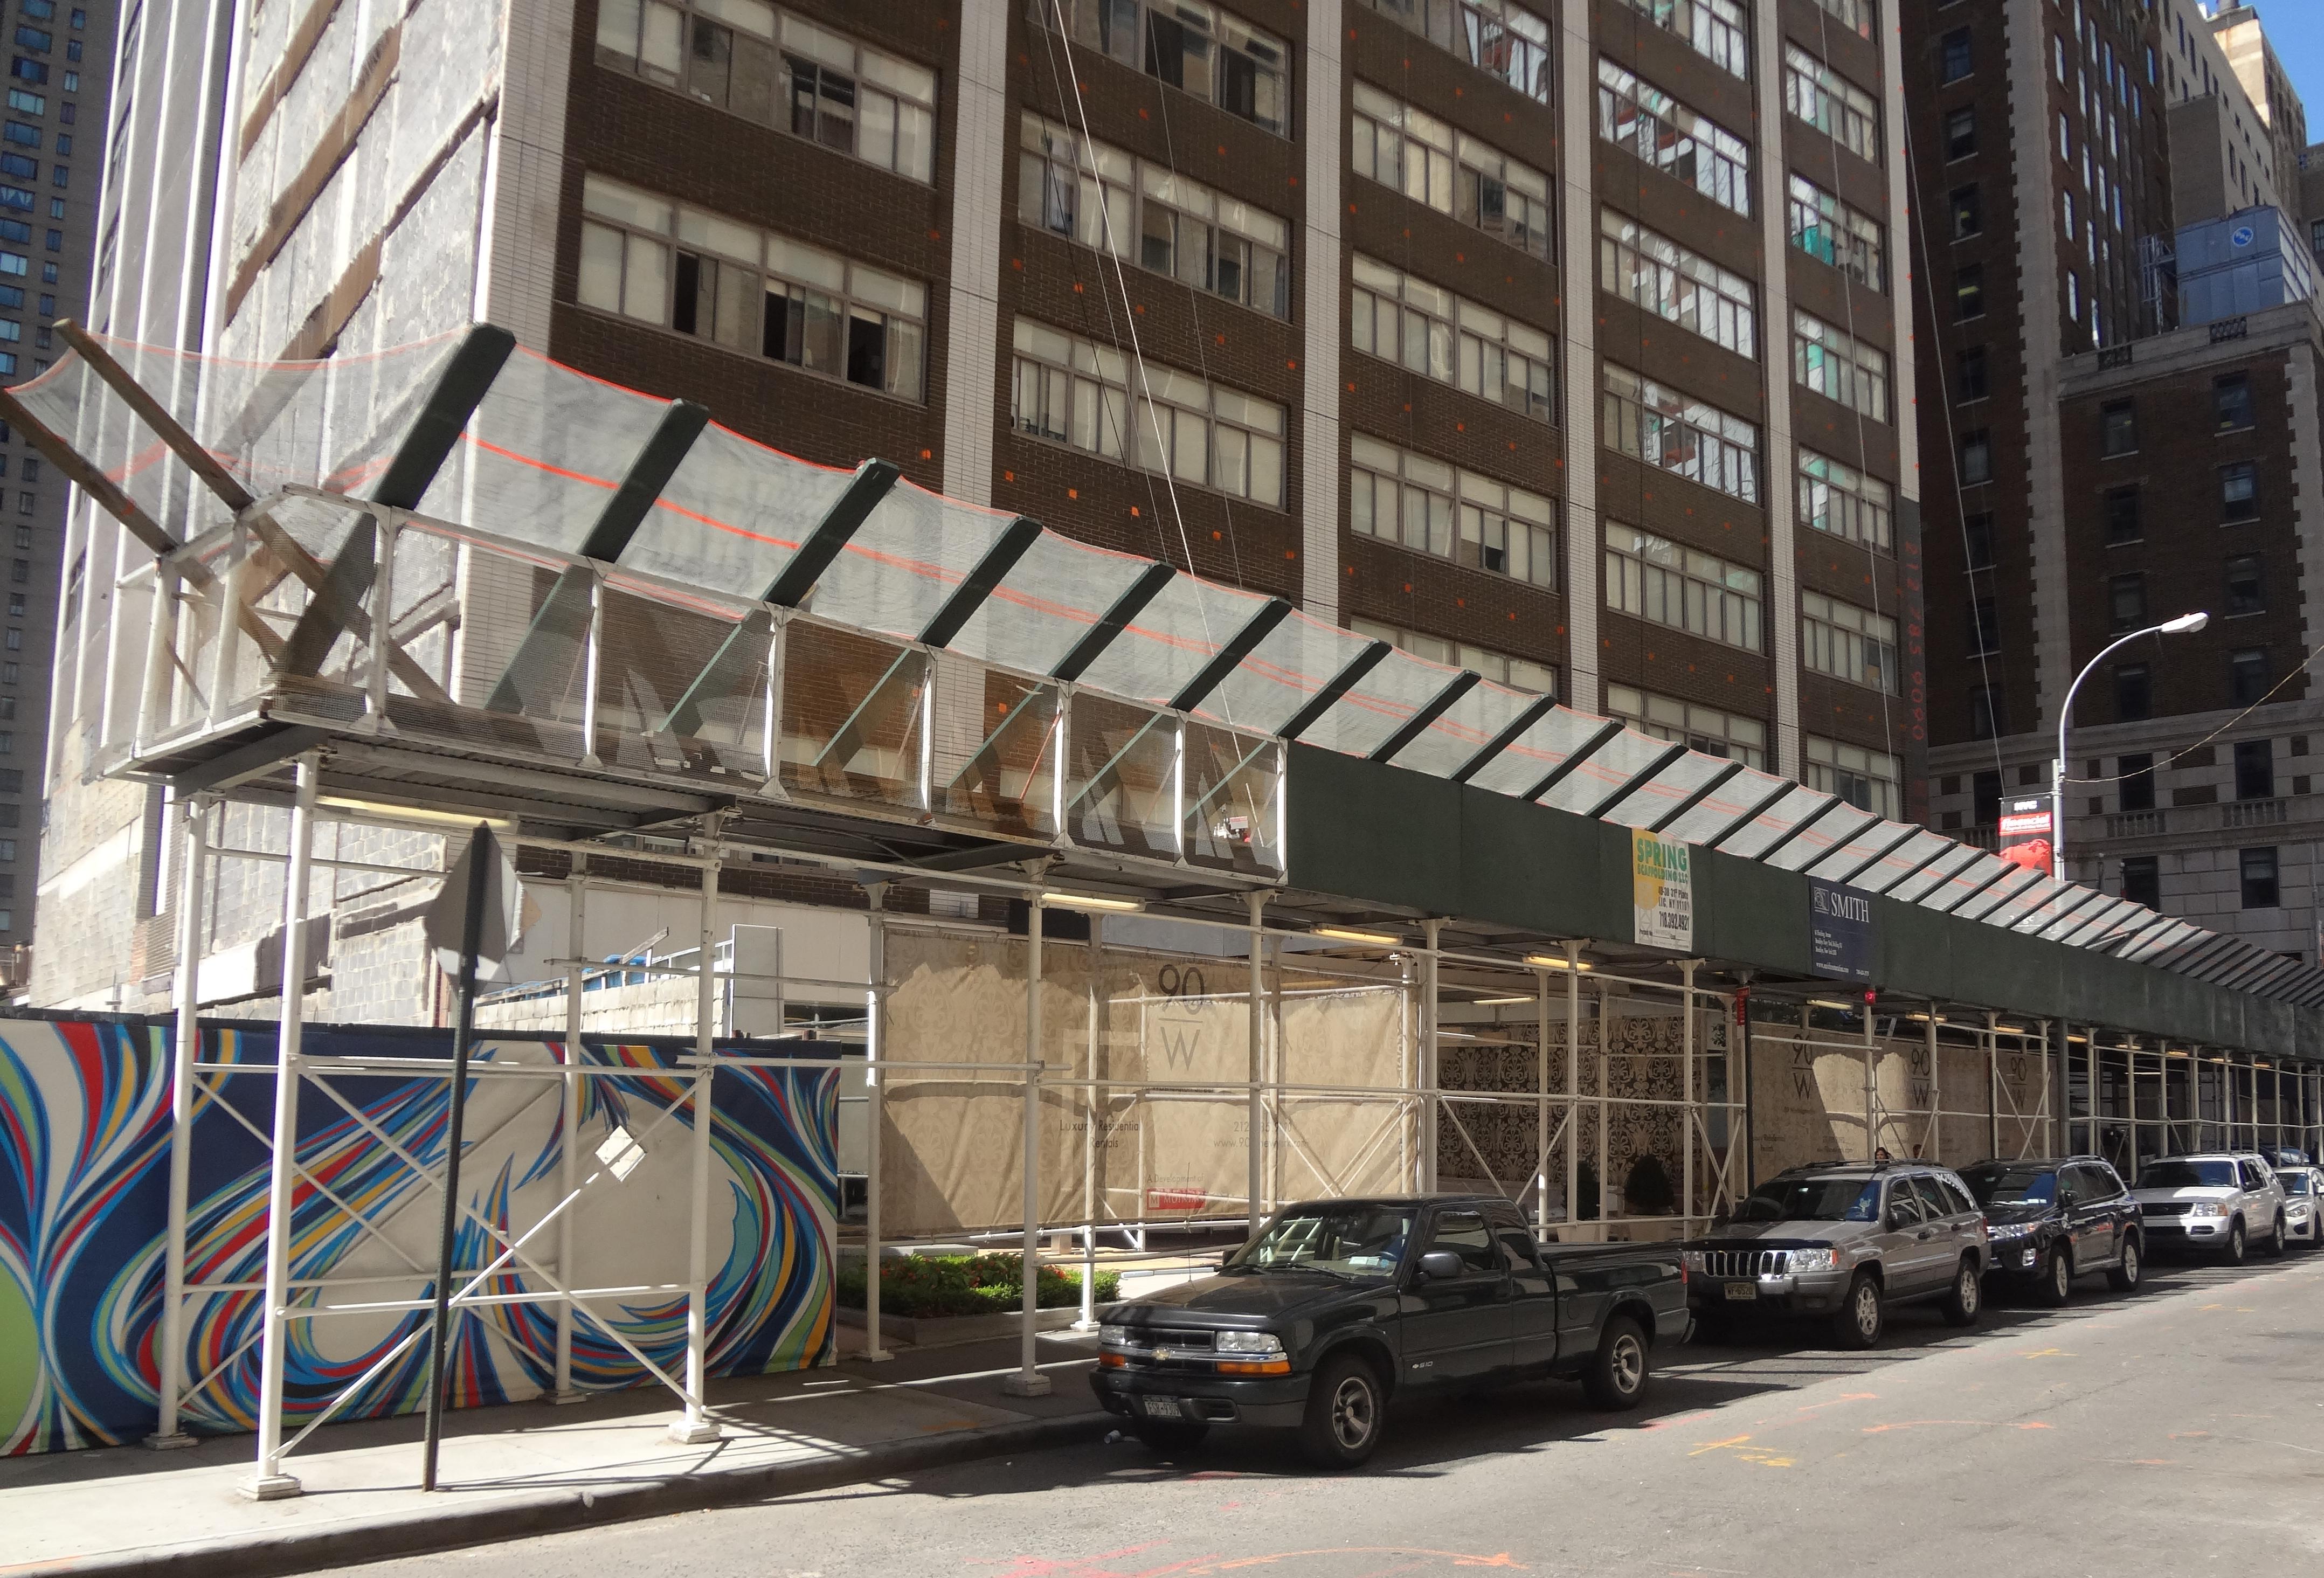 90 Washington scaffold 9-6-2013